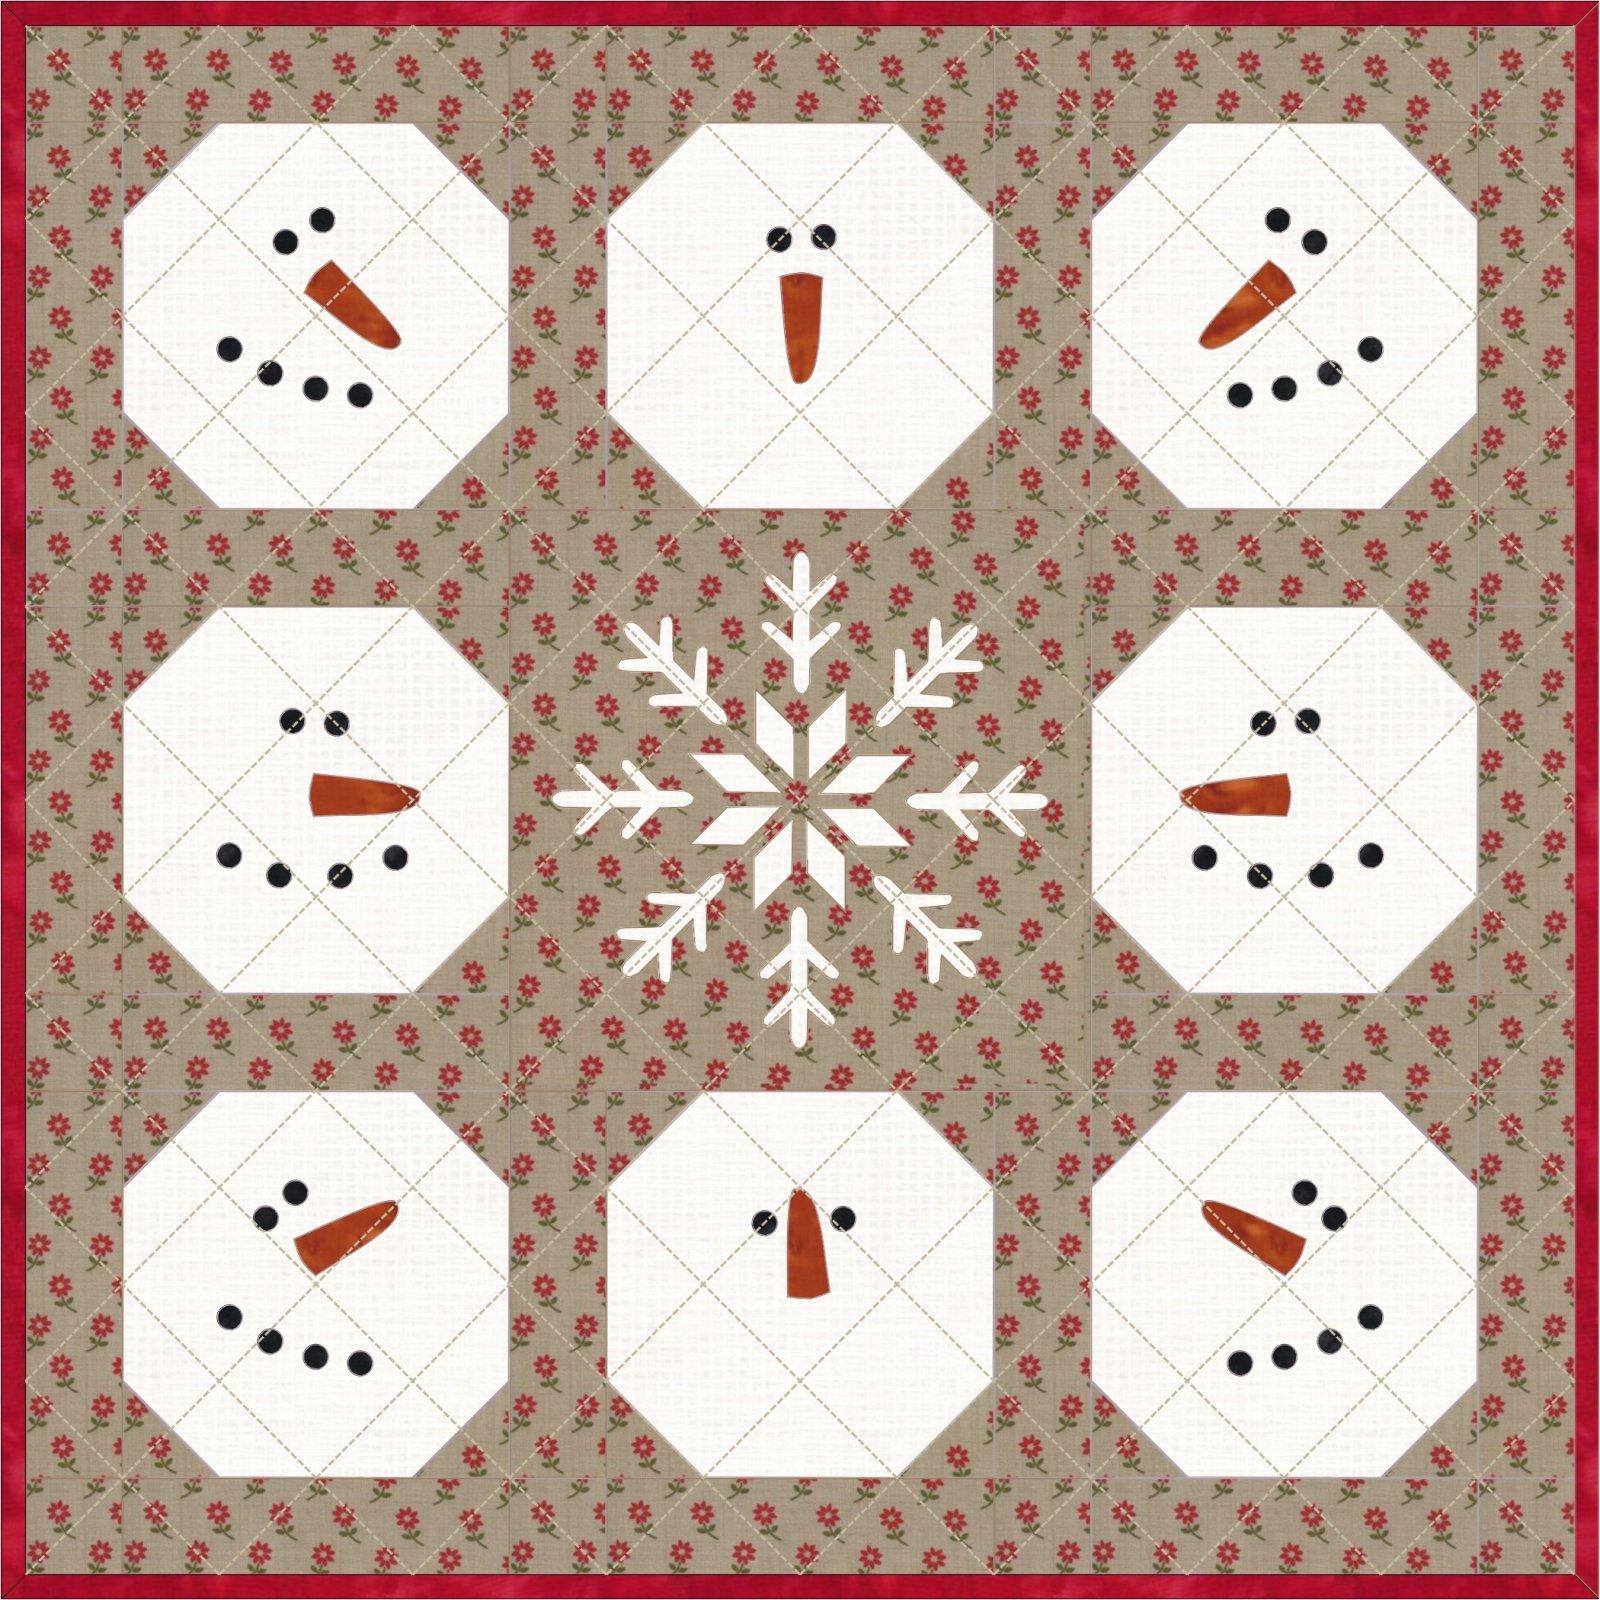 WEEK 9 Snow Friends mini quilt